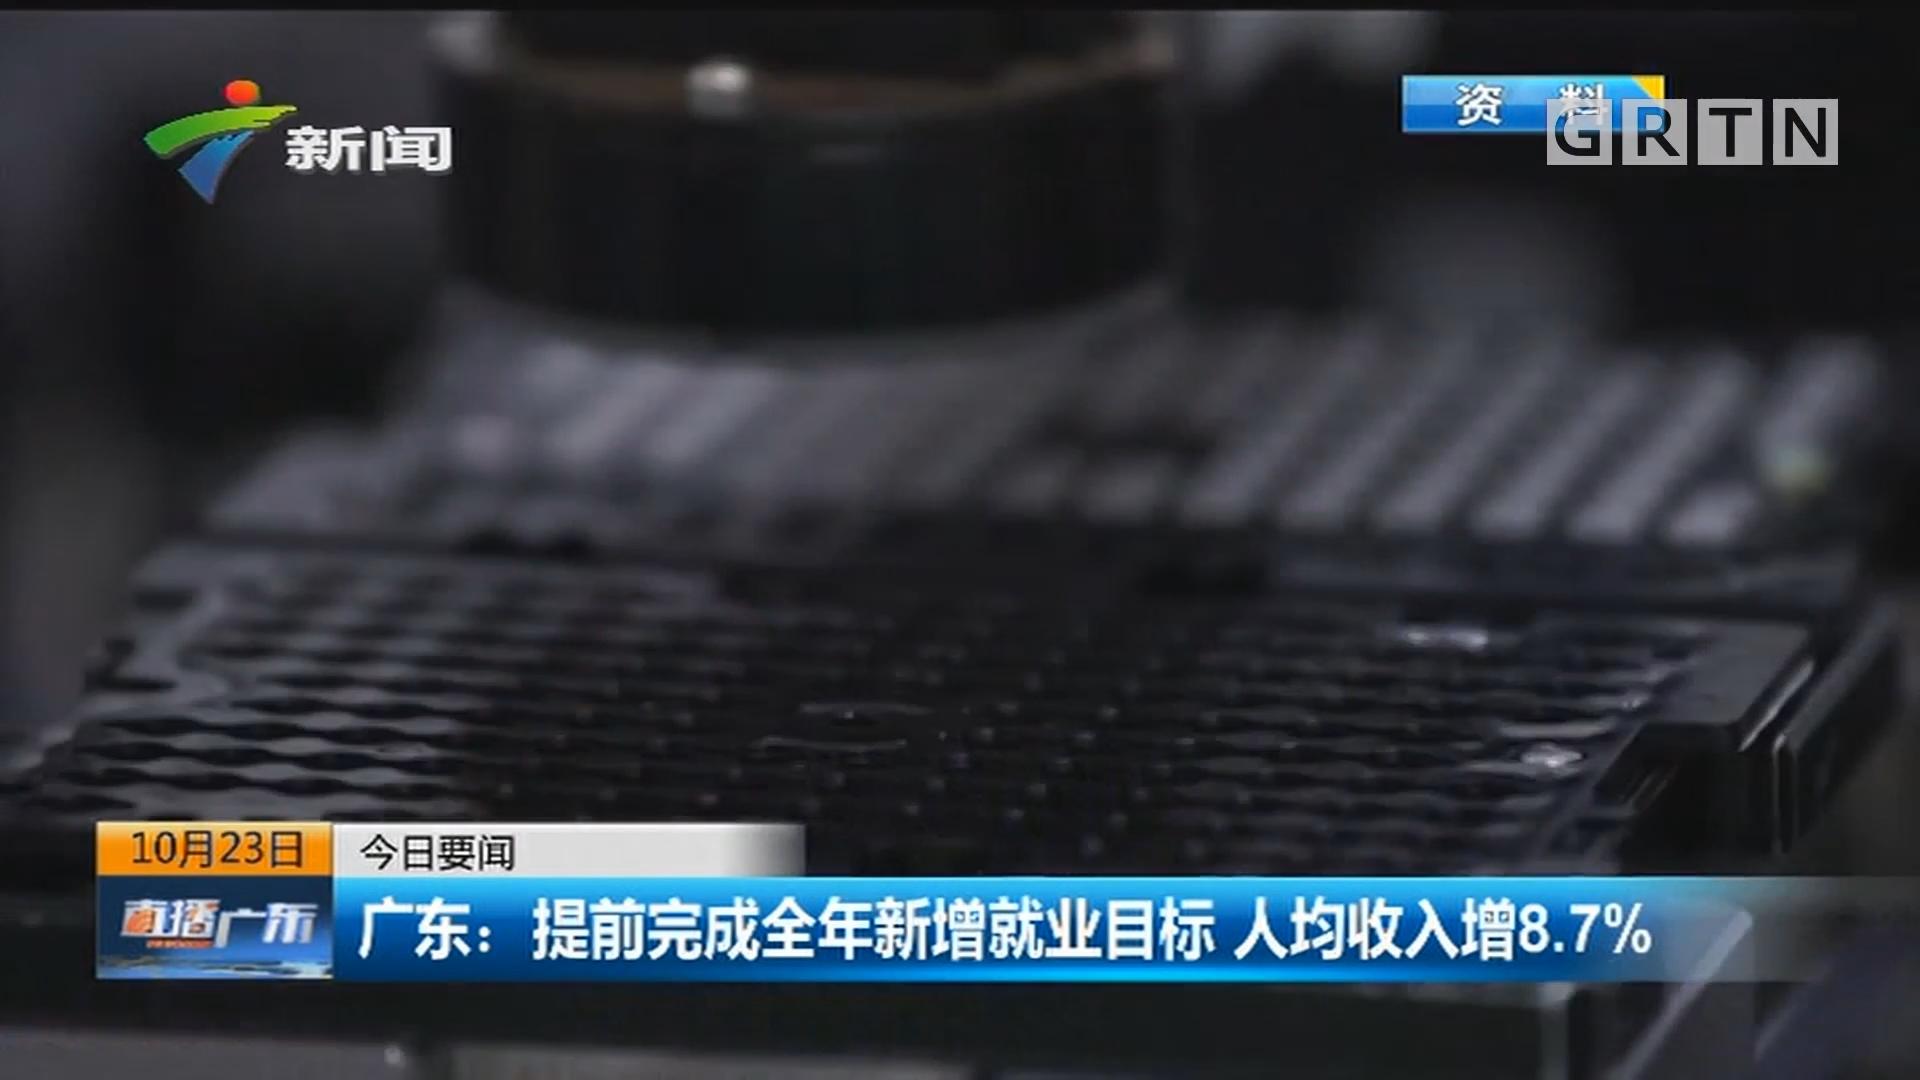 广东:提前完成全年新增就业目标 人均收入增8.7%